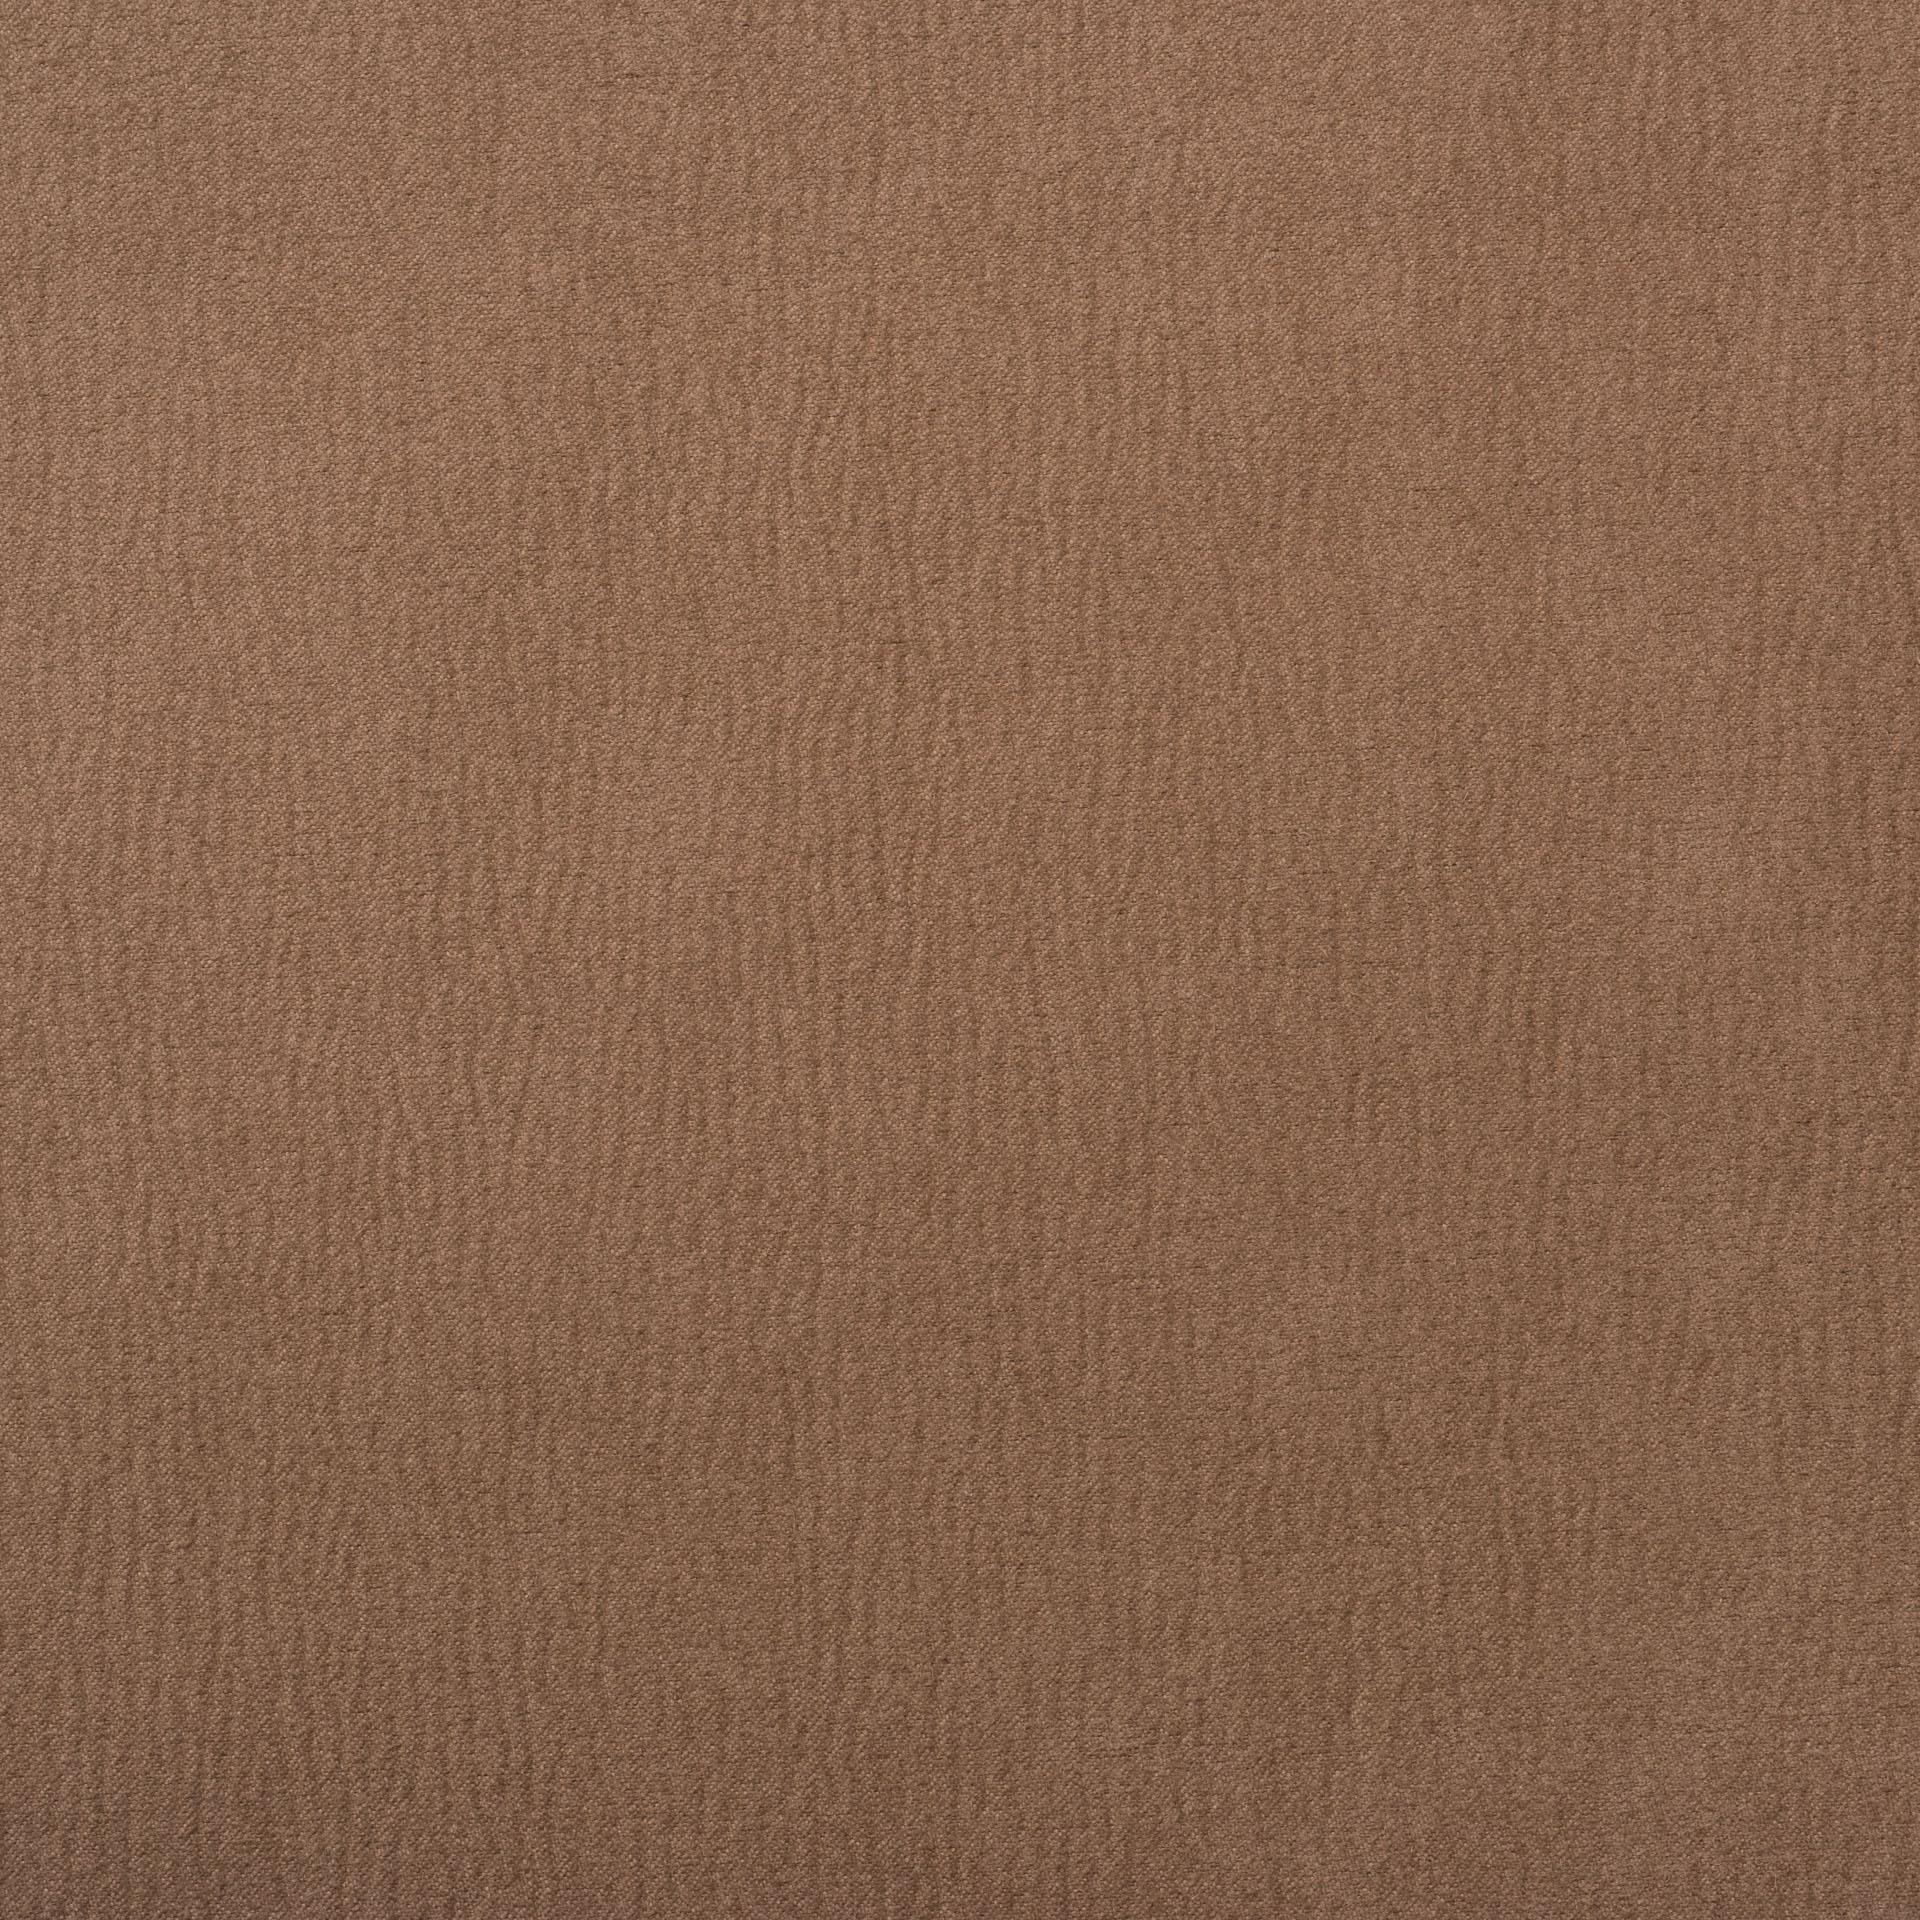 Коллекция ткани Нубук 05 GAZELLE,  купить ткань Велюр для мебели Украина